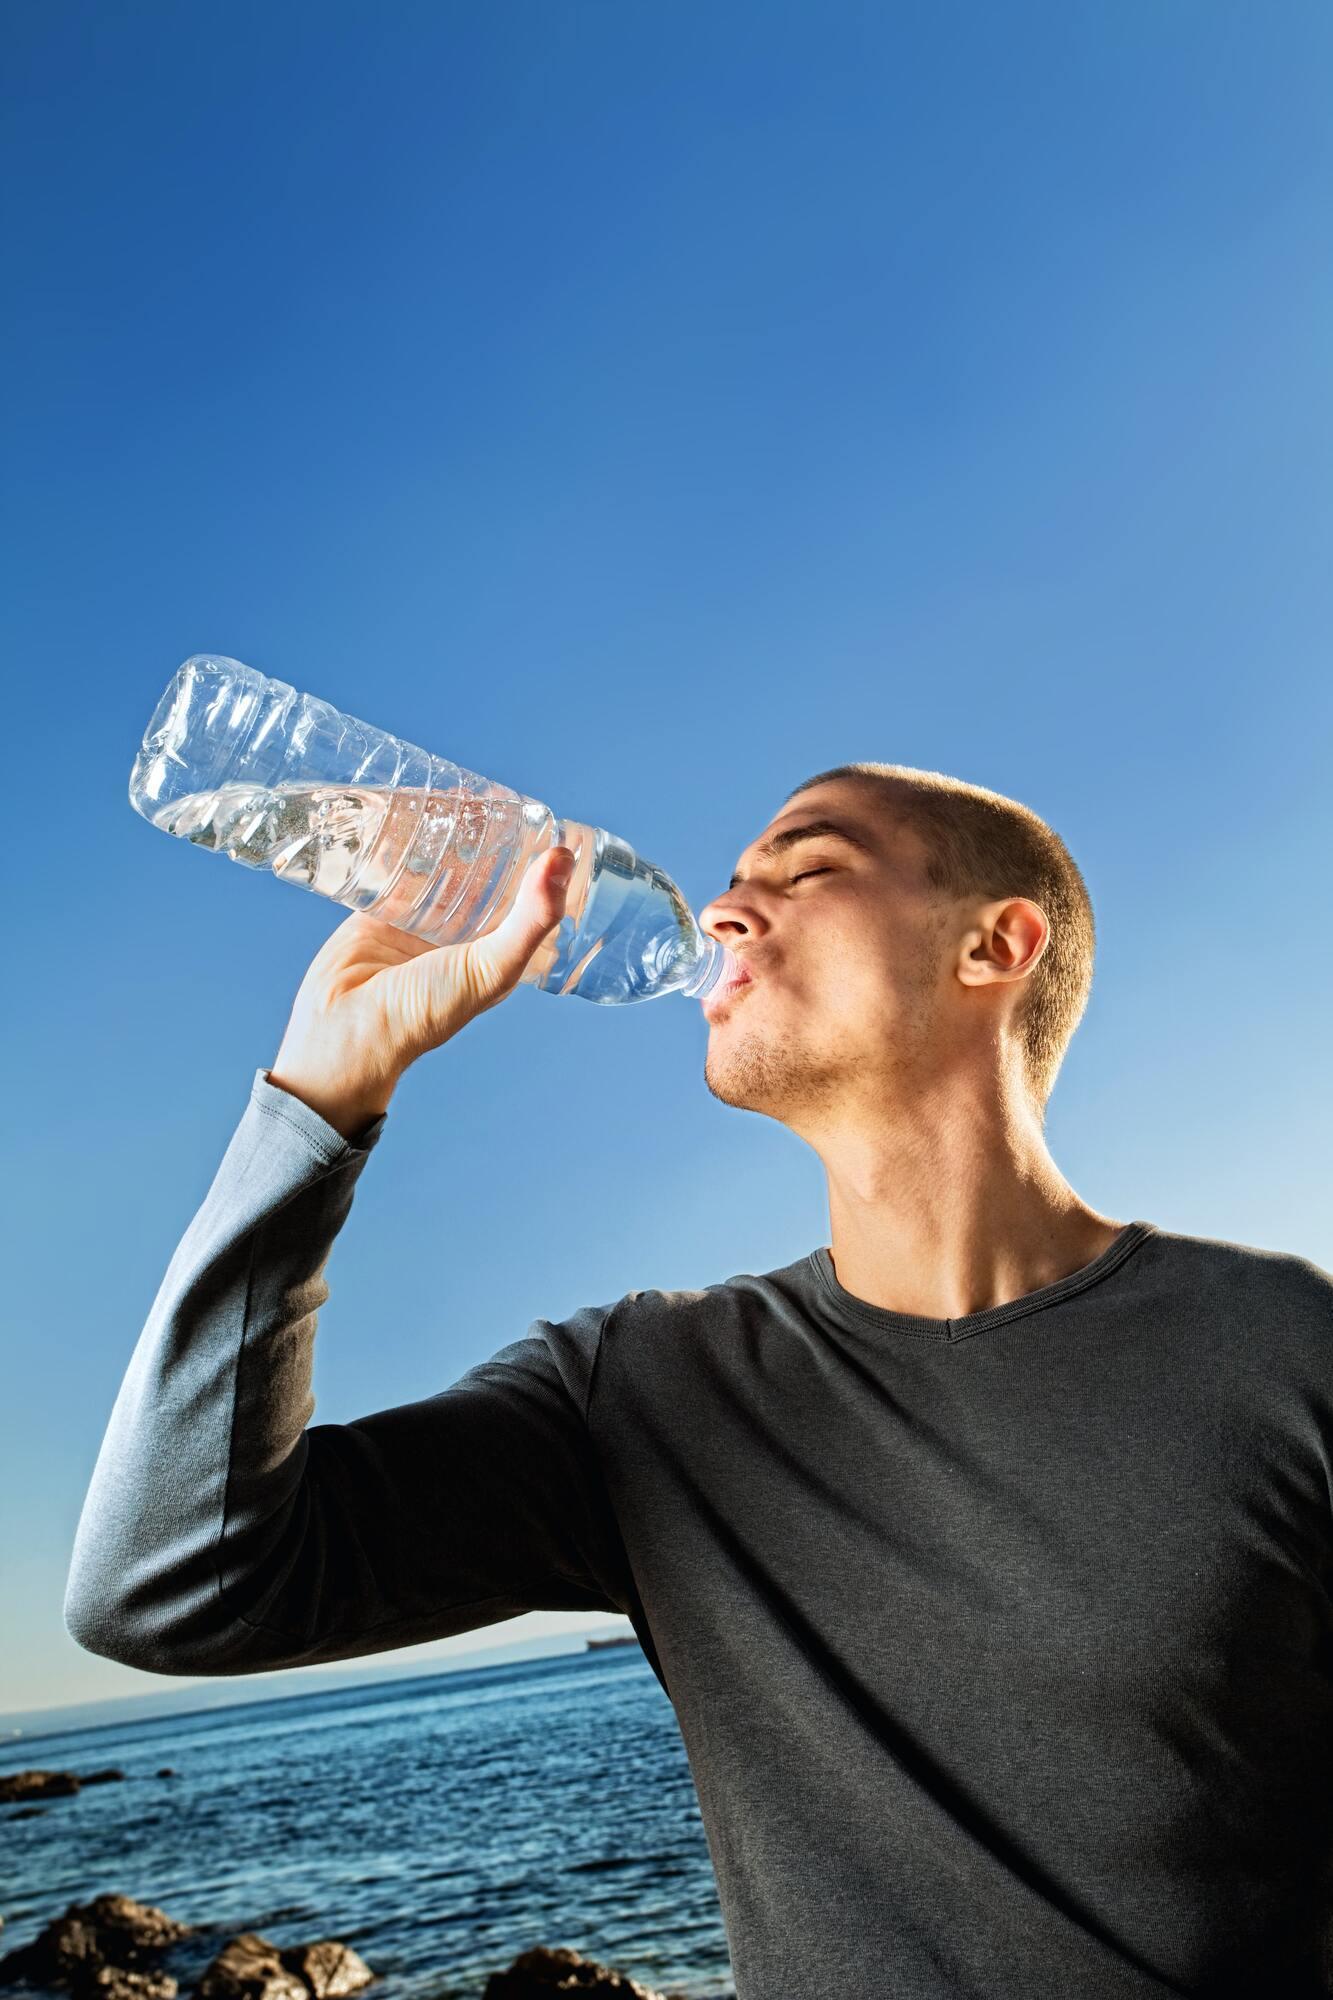 В жаркую погоду следует пить как можно больше чистой воды